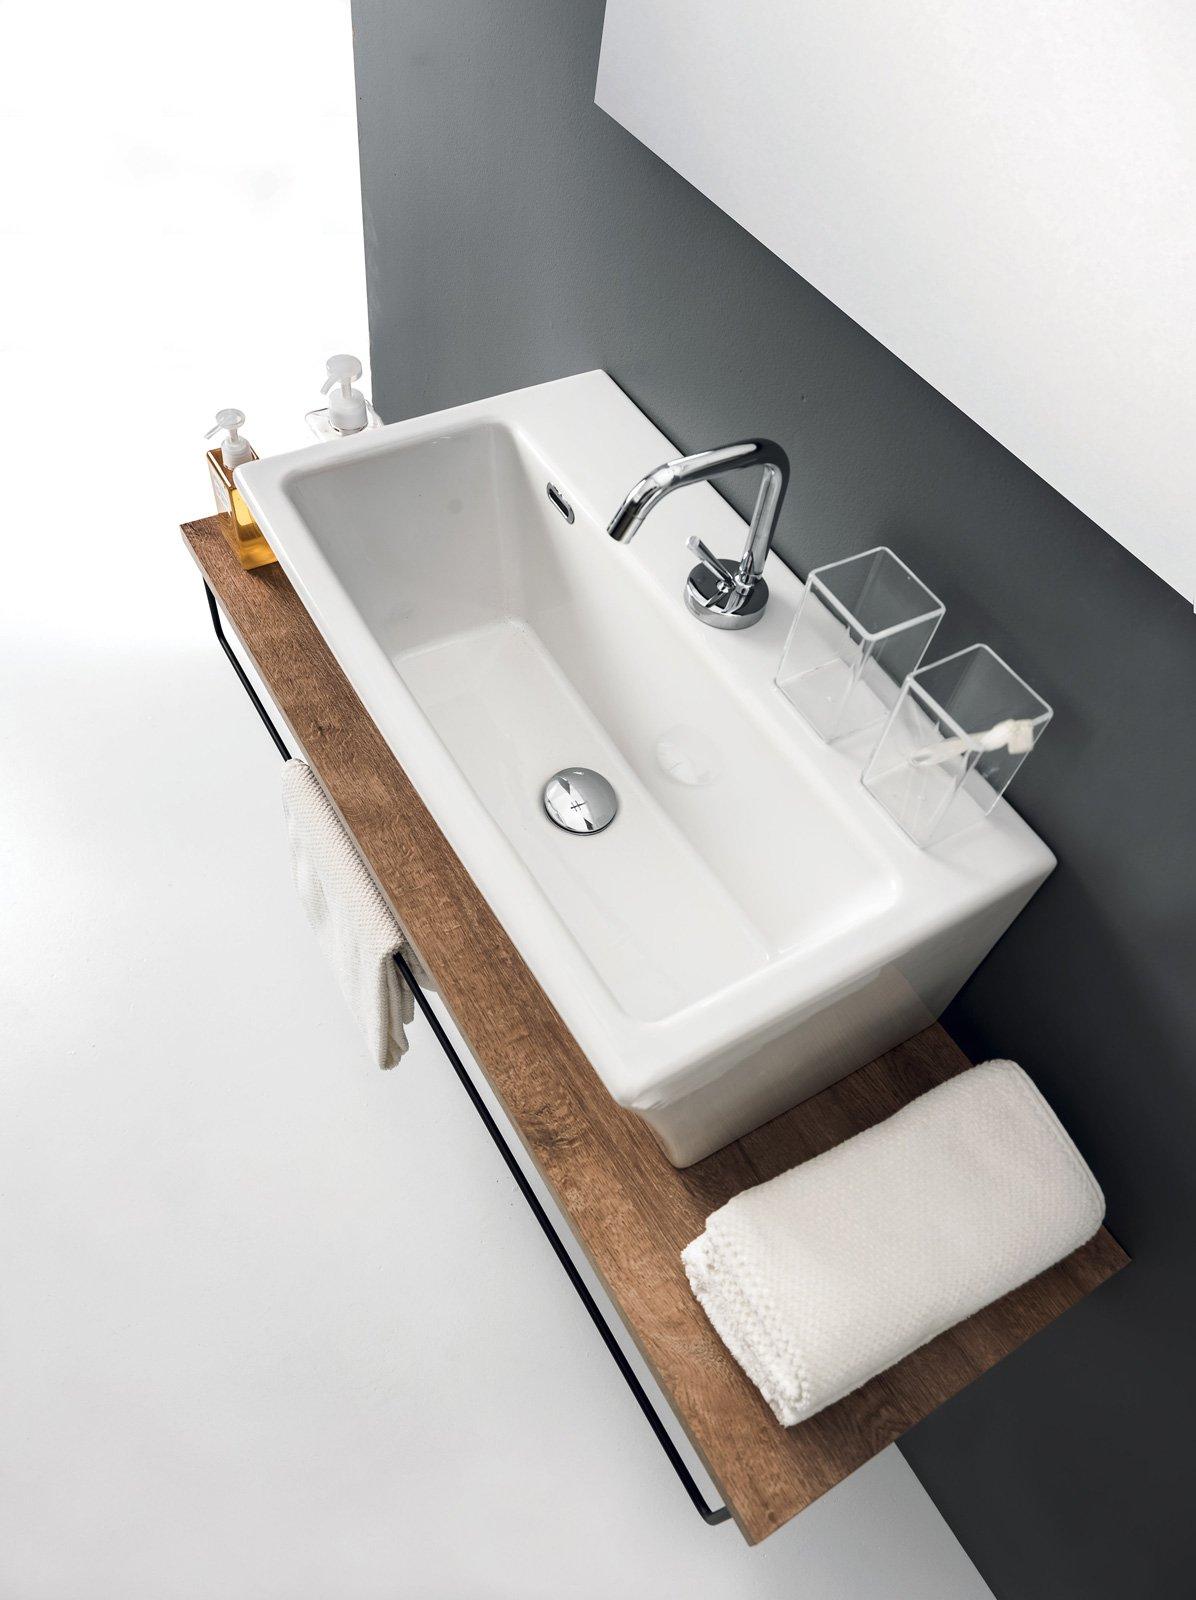 Lavabo Bagno Piccolo Misure lavabo bagno profondità 30 cm – termosifoni in ghisa scheda